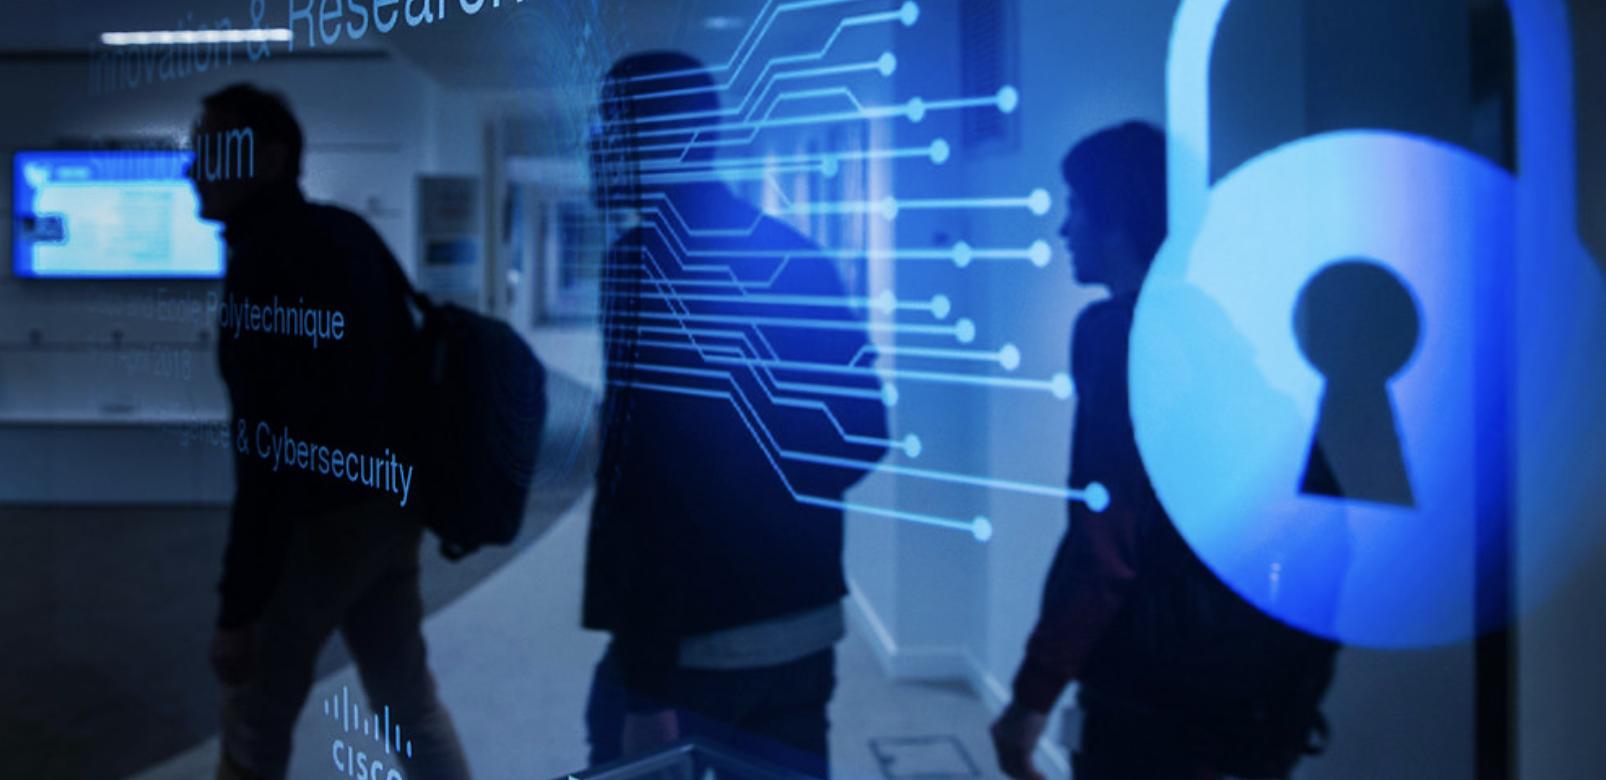 Algérie : L'académie Cisco permettra aux étudiants, aux professionnels en informatique, aux administrations et aux spécialistes de la sécurité des réseaux d'obtenir une certification professionnelle